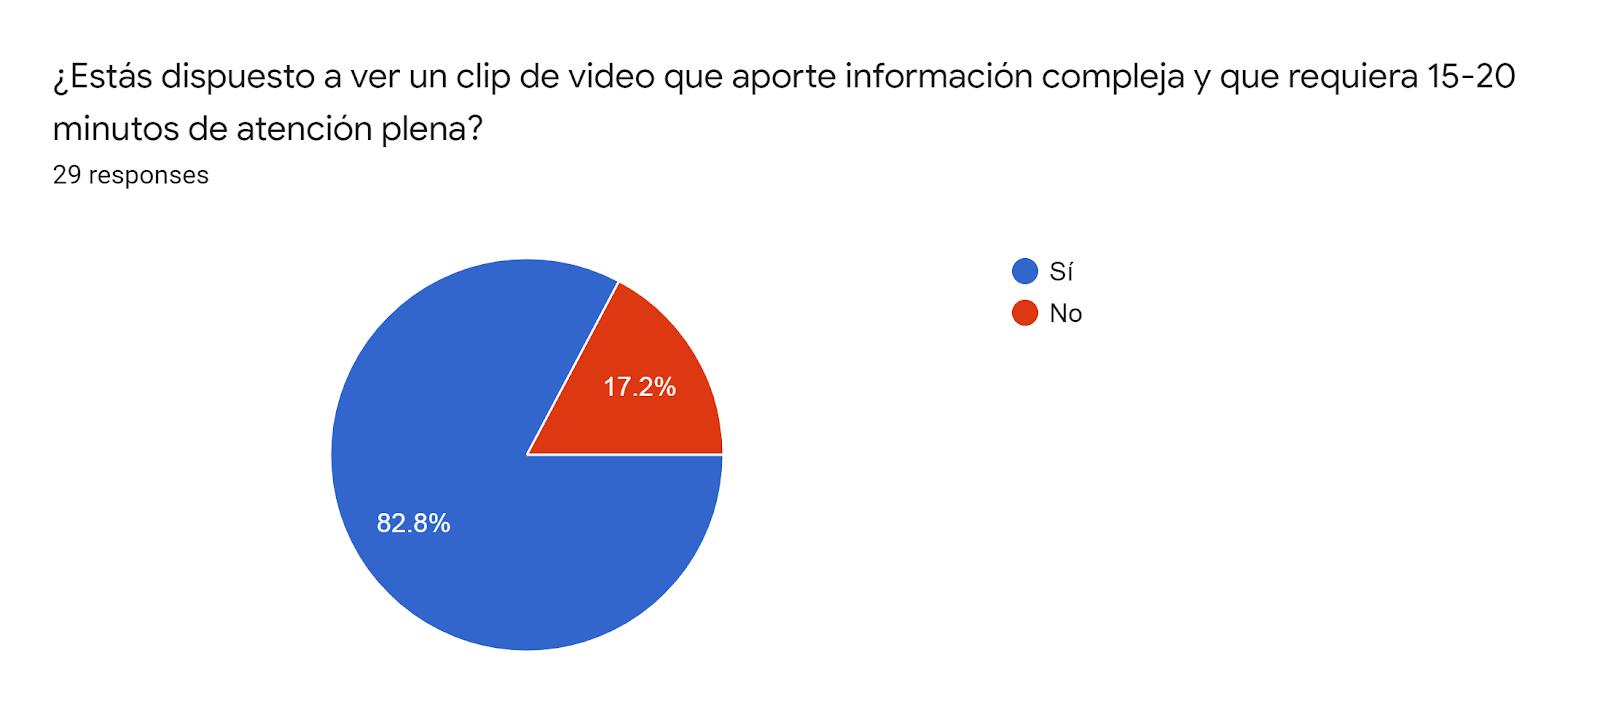 Forms response chart. Question title: ¿Estás dispuesto a ver un clip de video que aporte información compleja y que requiera 15-20 minutos de atención plena?. Number of responses: 29 responses.